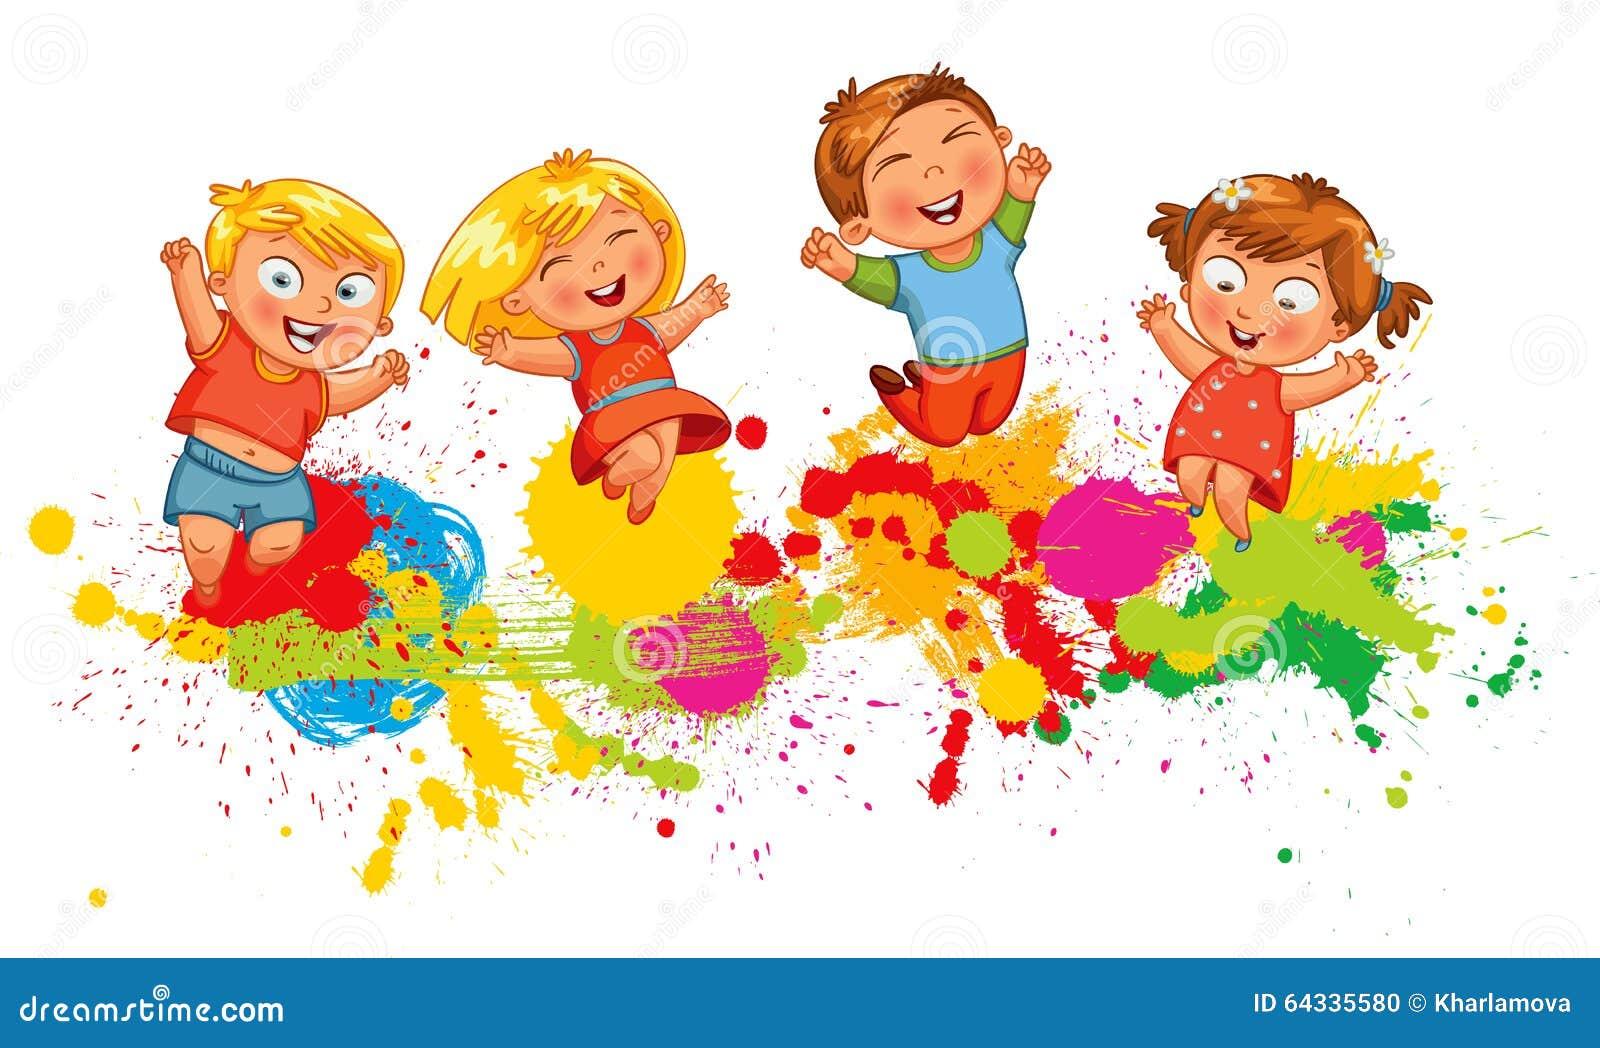 孩子为喜悦跳图片